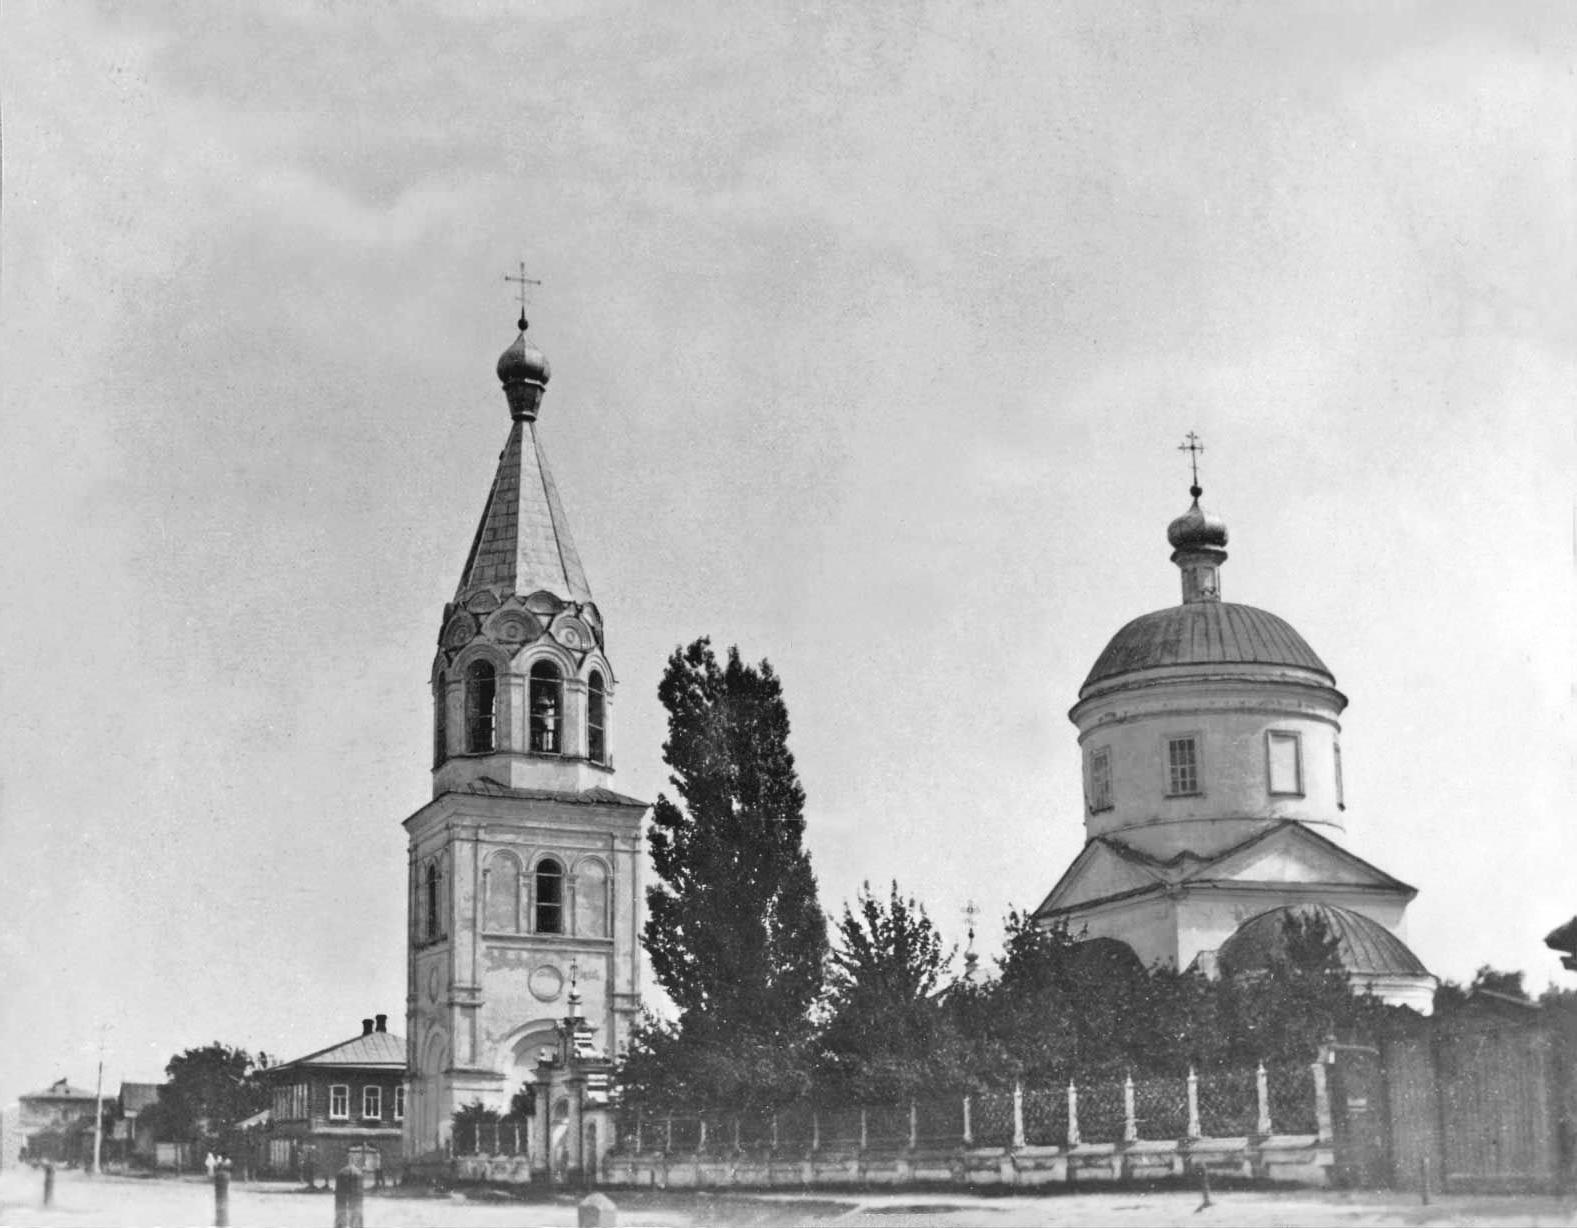 Церковь Благовещения Пресвятой Богородицы (Благовещенская-Афанасьевская церковь)